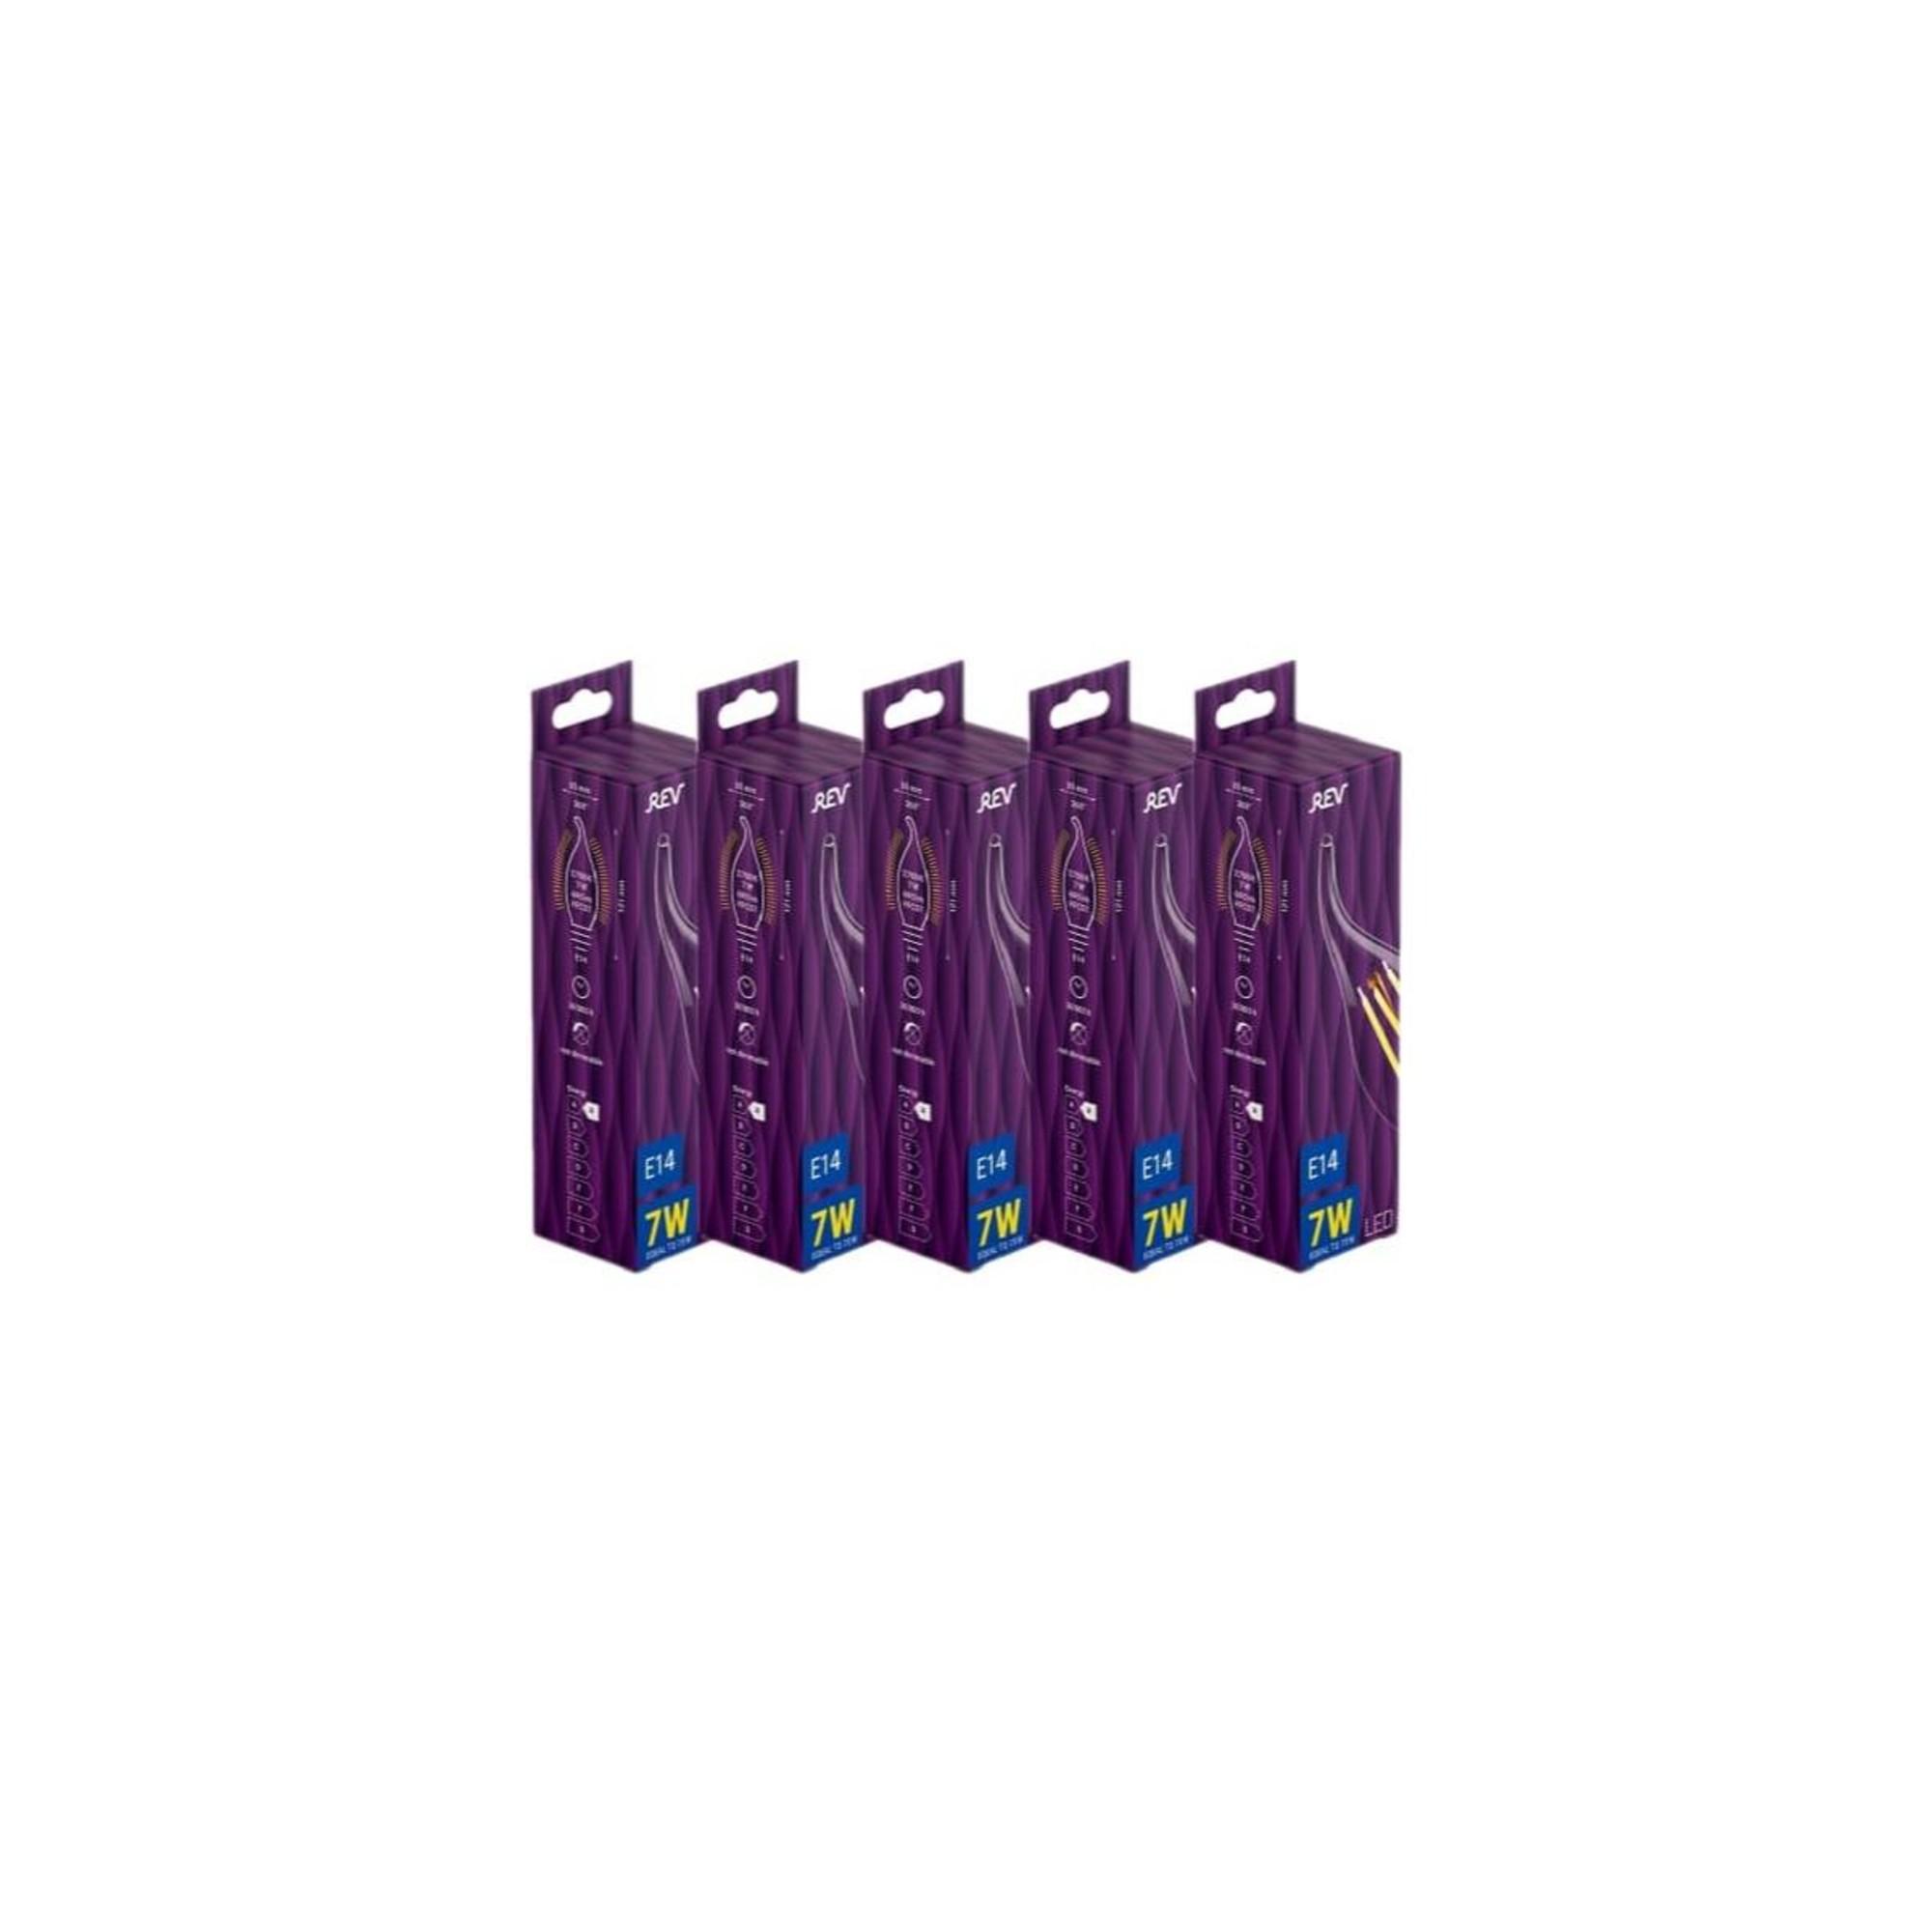 Лампа светодиодная (комплект 5 шт.) REV FILAMENT FC37 E14 7W 2700K DECO Premium 32432 4